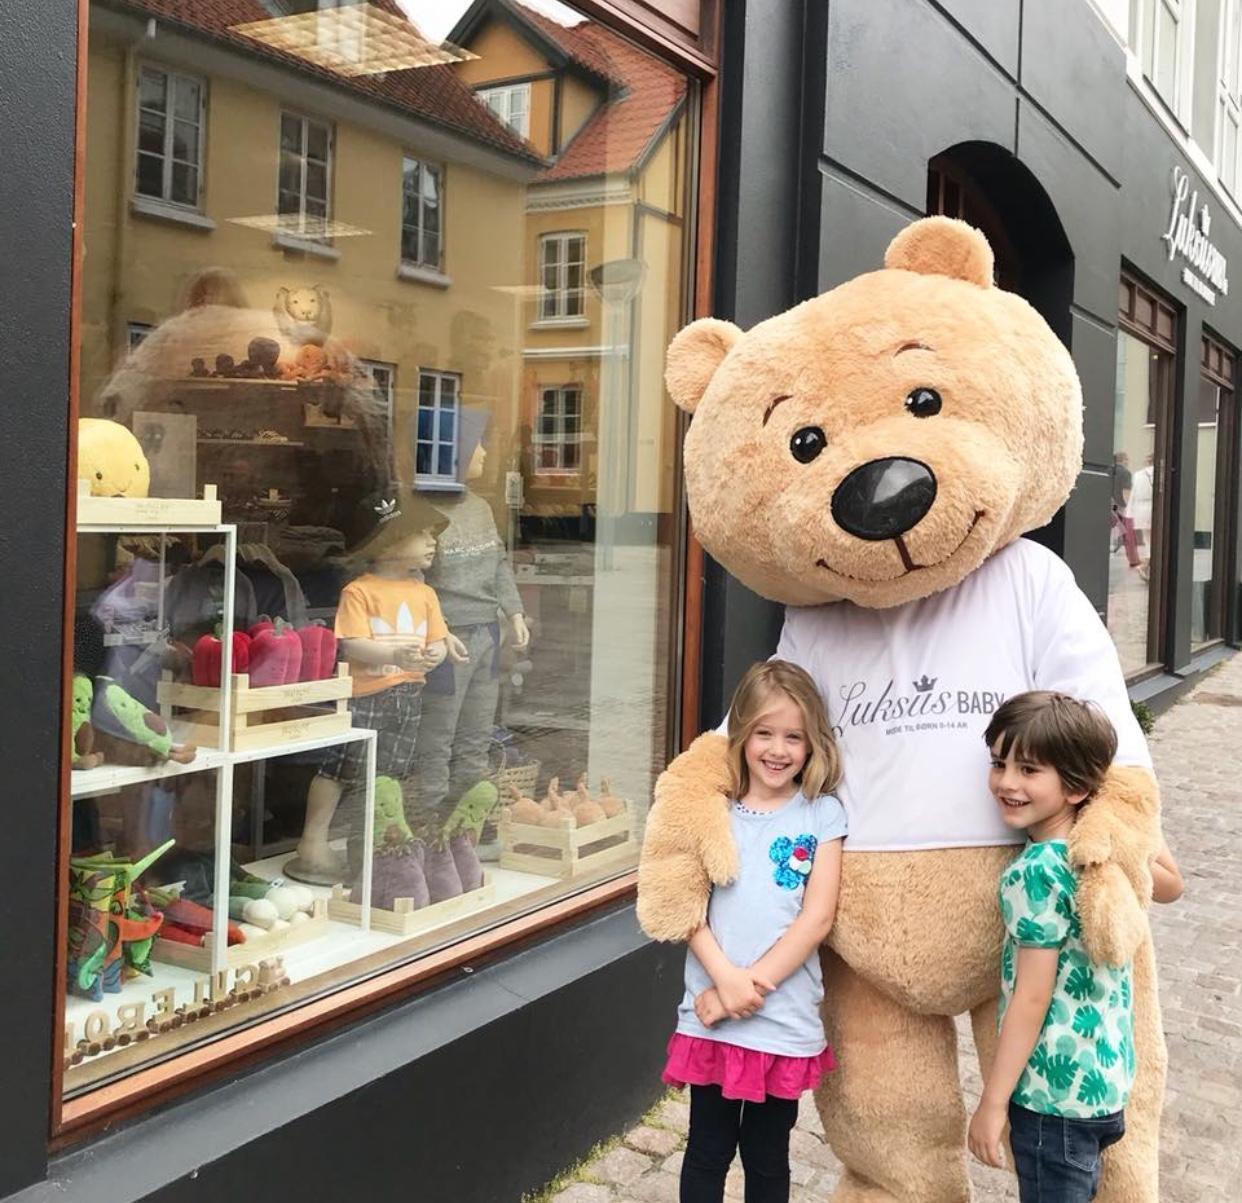 Luksusbaby bamsemaskot på arbejde i gågaden i Aalborg